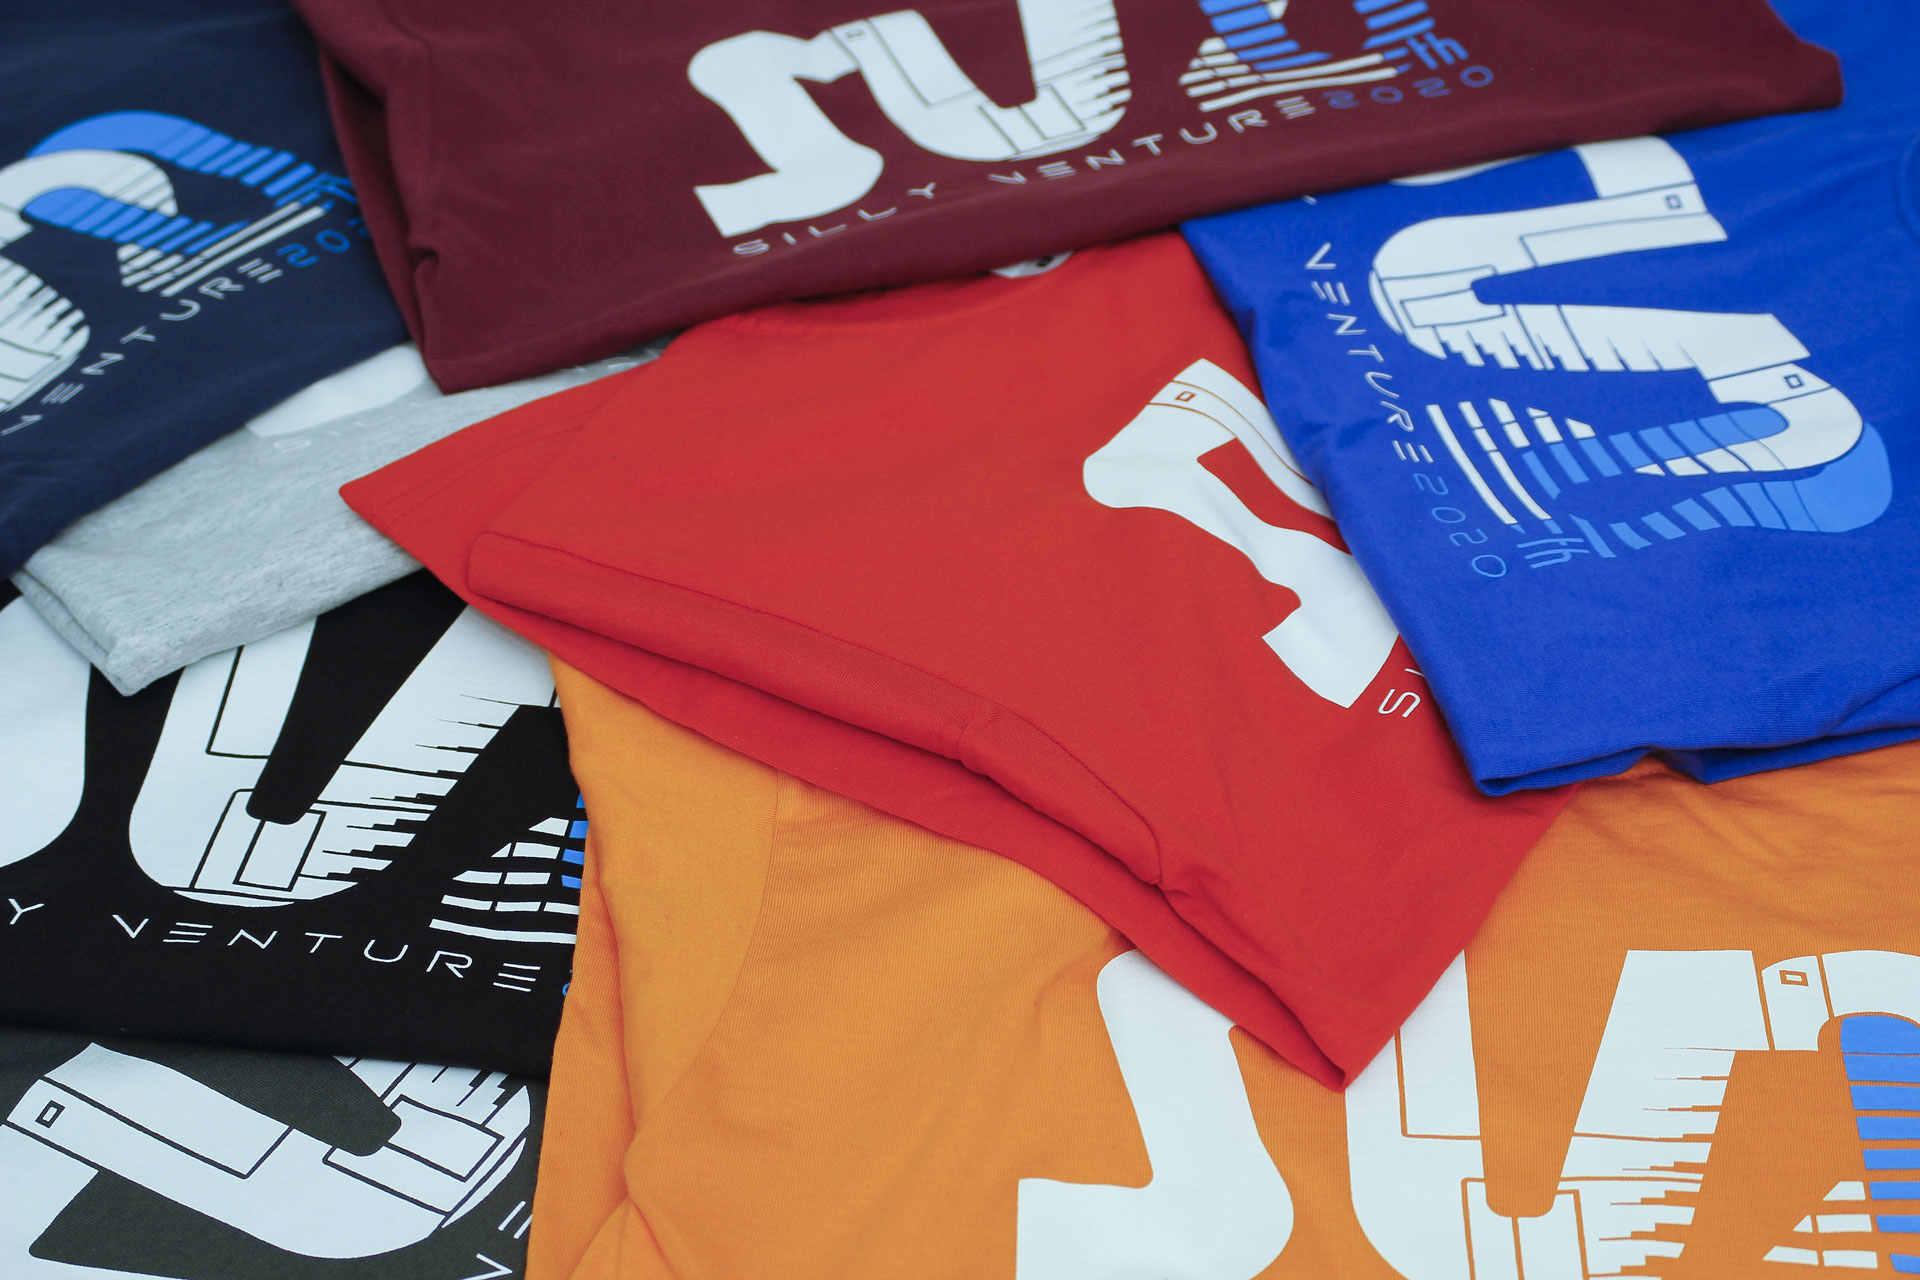 http://www.sillyventure.eu/images/news2020-2021/shirts4.jpg